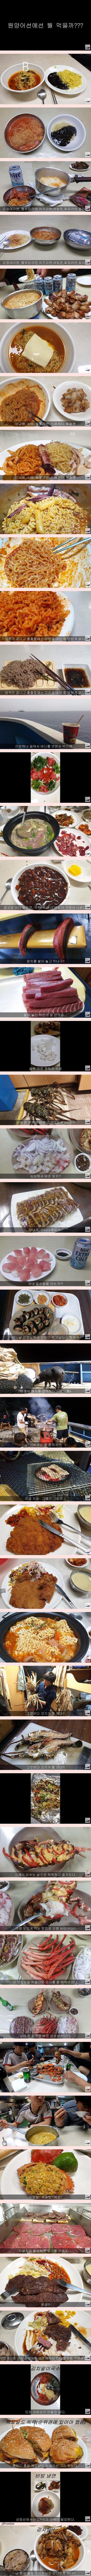 원양어선에서 먹는 음식들